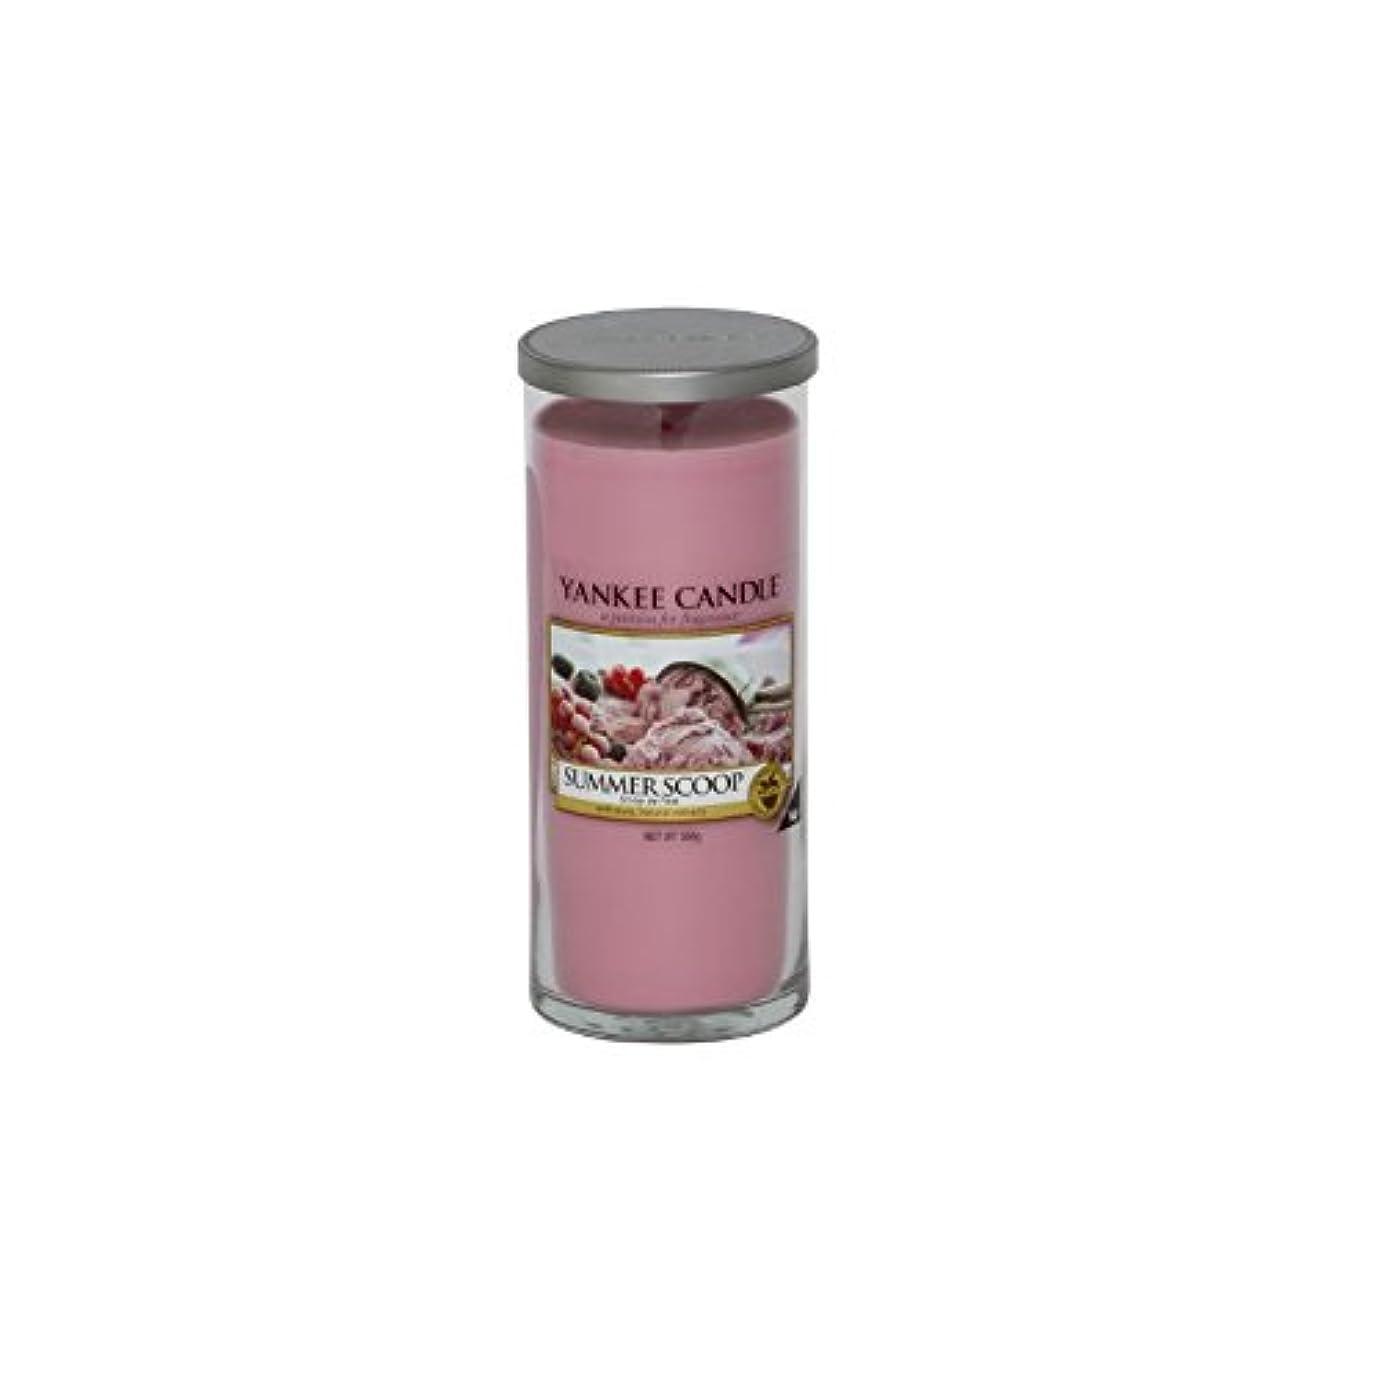 スリップ床ばかげたYankee Candles Large Pillar Candle - Summer Scoop (Pack of 6) - ヤンキーキャンドル大きな柱キャンドル - 夏のスクープ (x6) [並行輸入品]